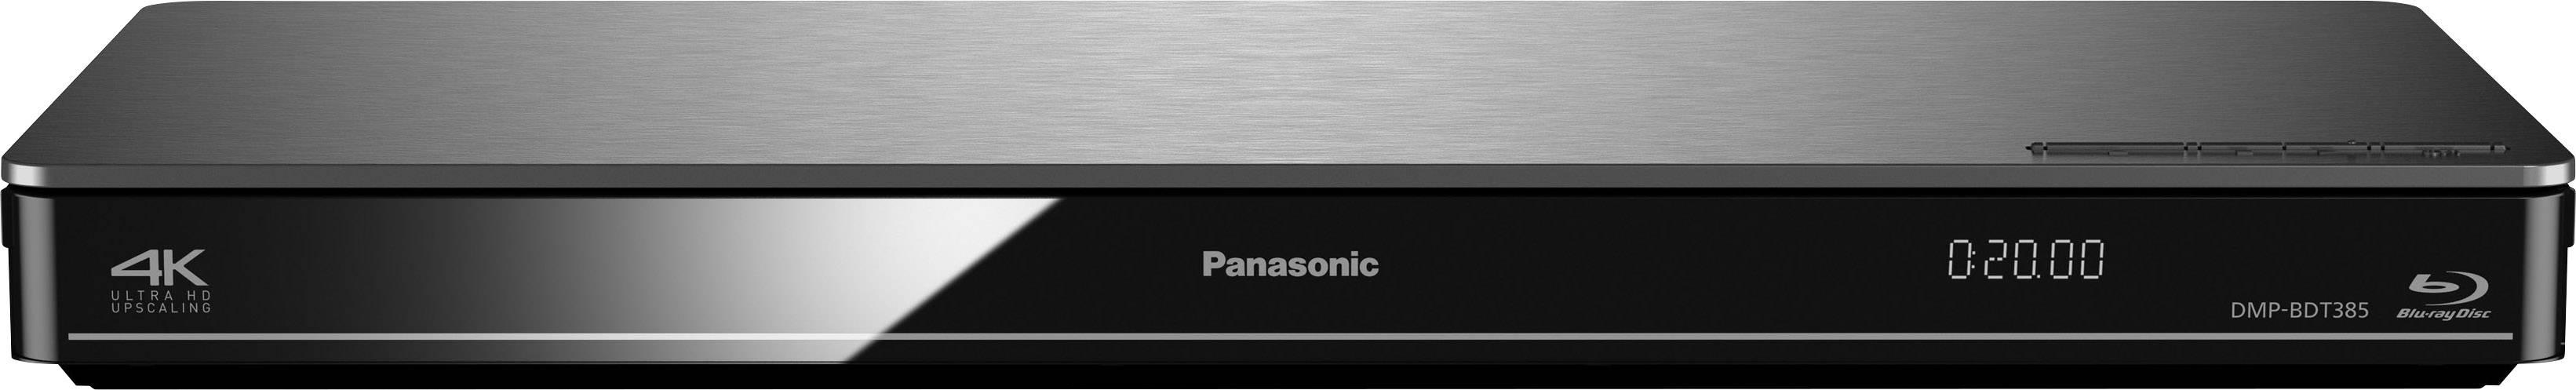 3D Blu-Ray přehrávač Panasonic DMP-BDT385, Wi-Fi, stříbrná